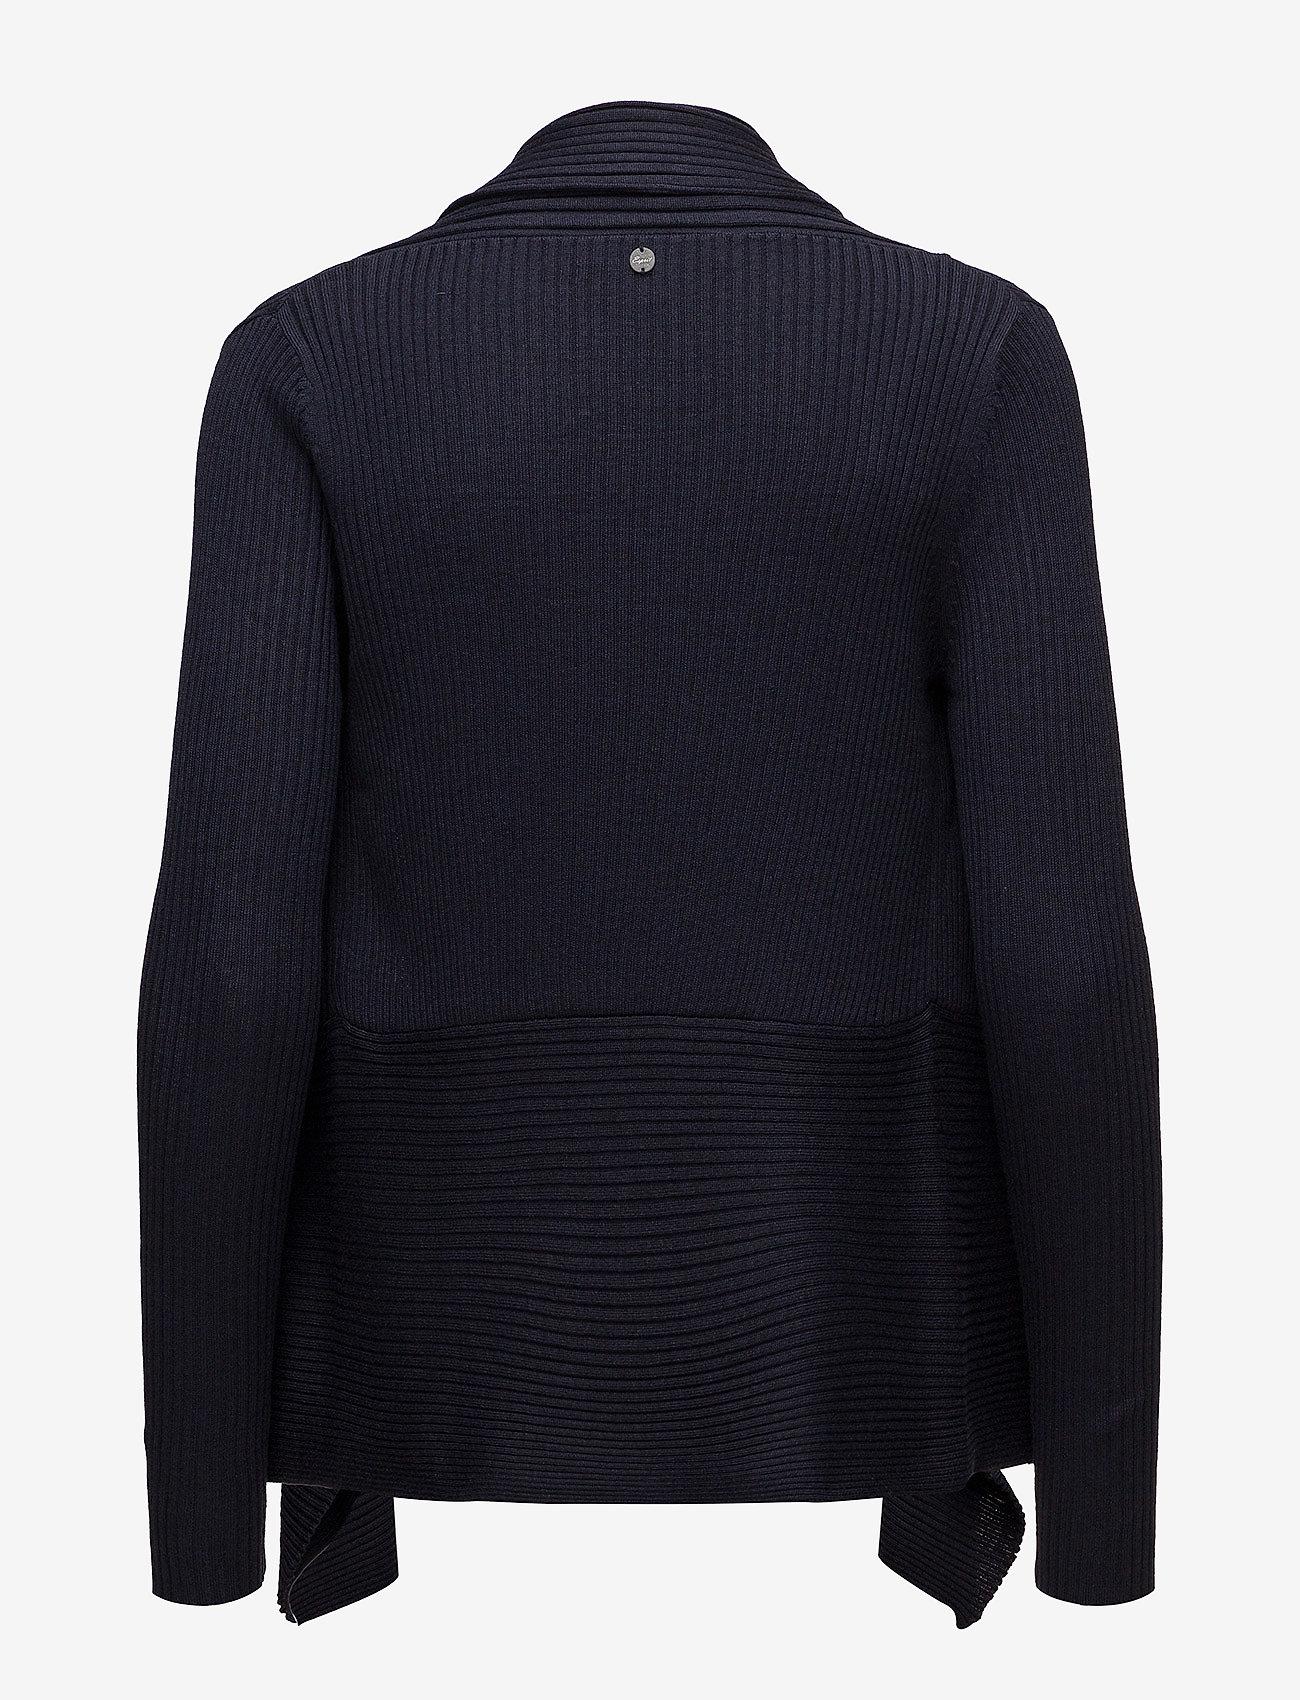 Esprit Casual - Sweaters cardigan - vesten - navy 5 - 1